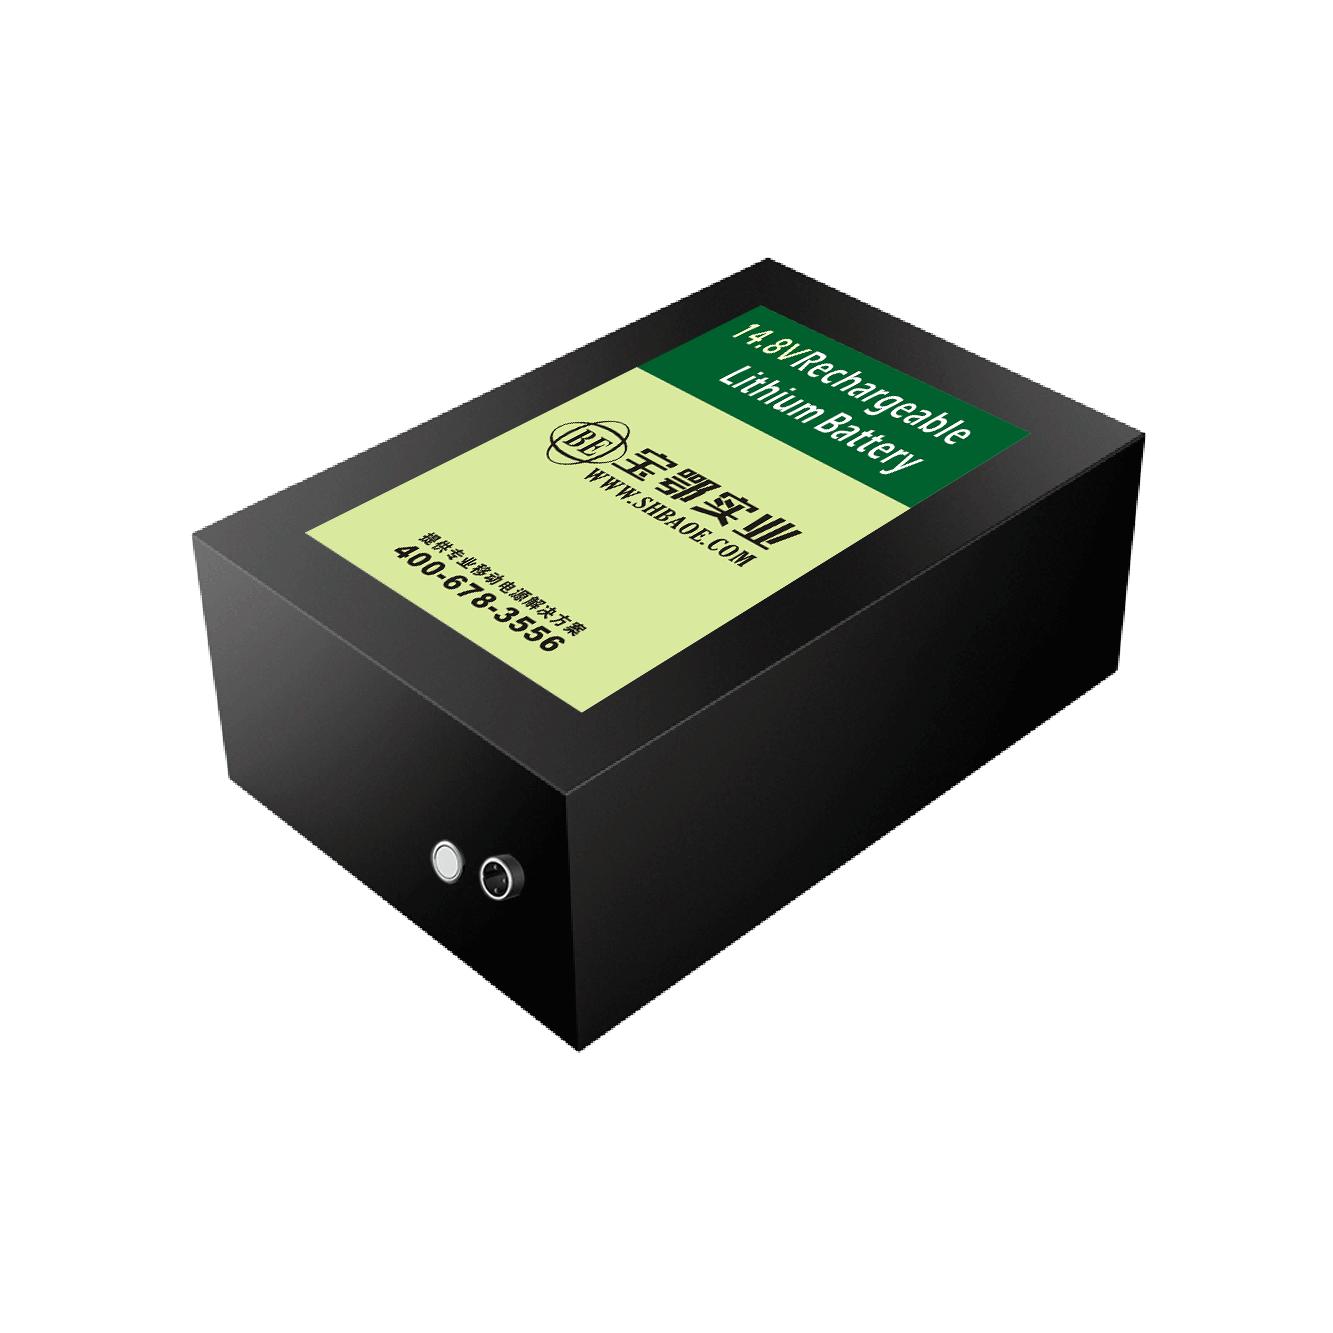 5V 12V 19V稳压输出测试仪器便携式移动电源锂电池